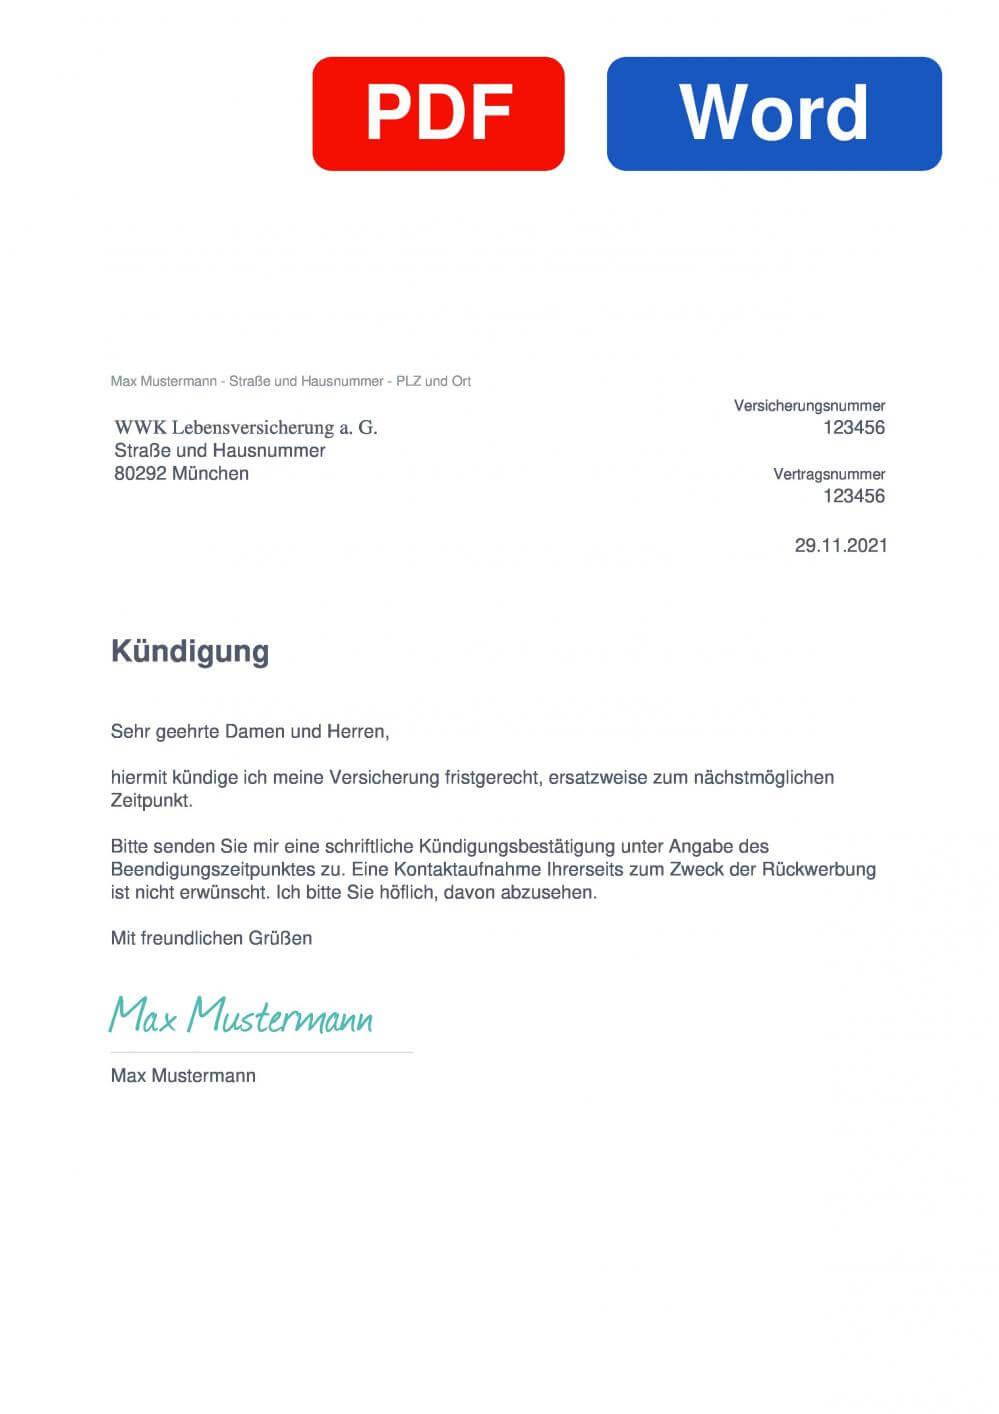 WWK Betriebliche Altersvorsorge Muster Vorlage für Kündigungsschreiben